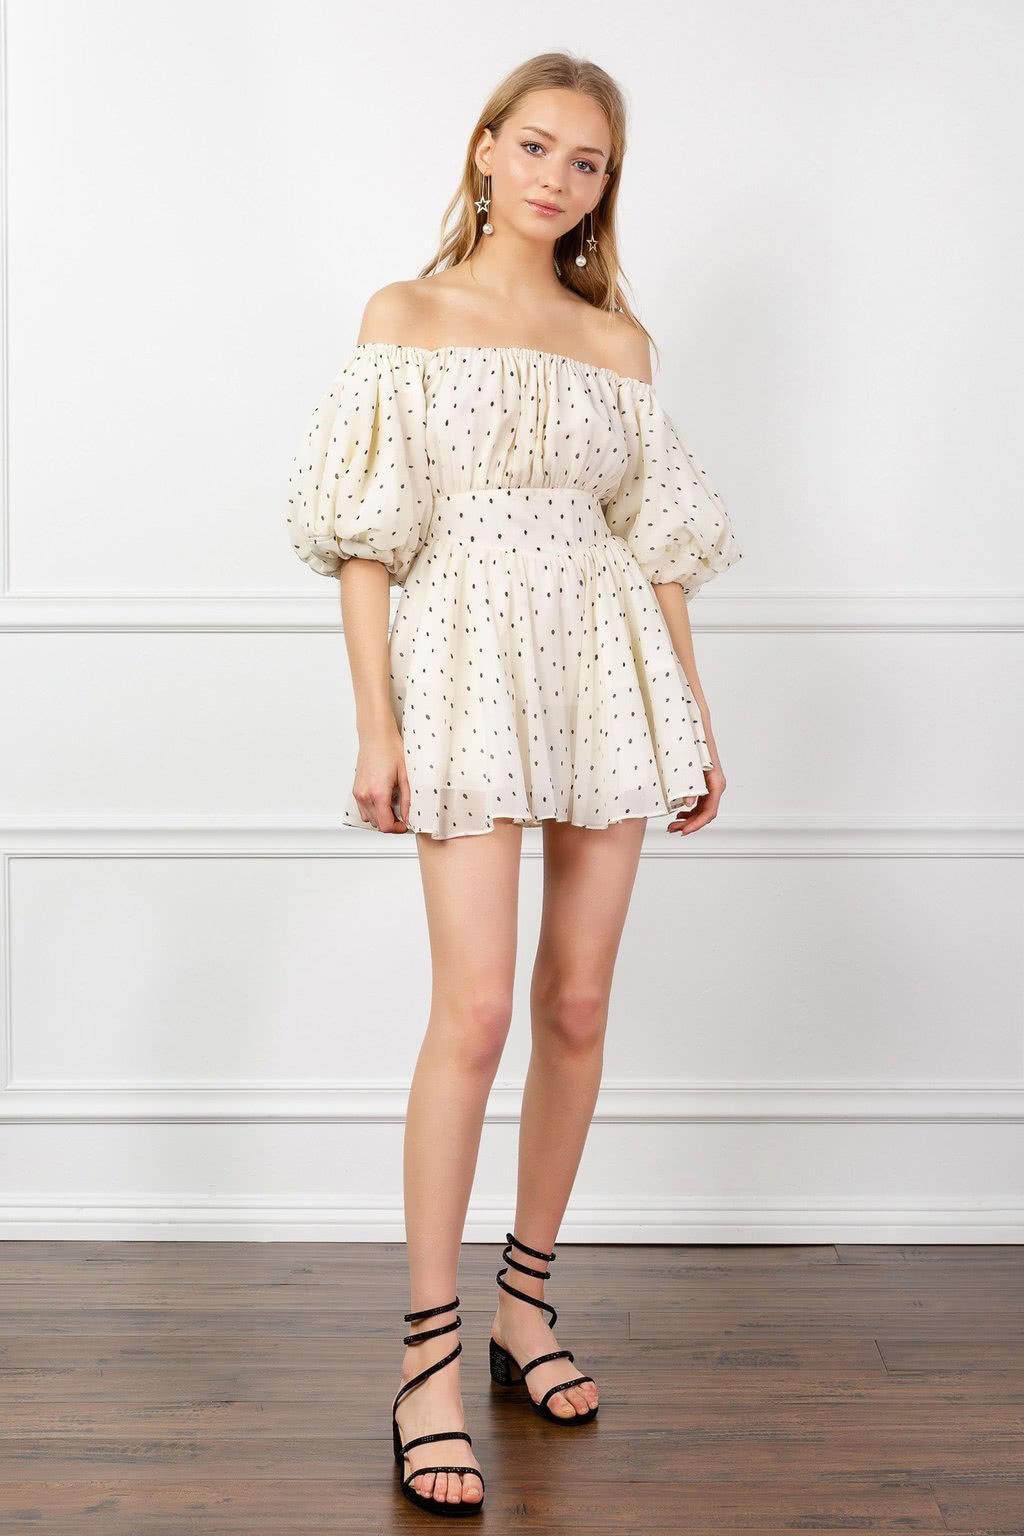 J.ING garden dress summer 2019 women - Luxe Digital